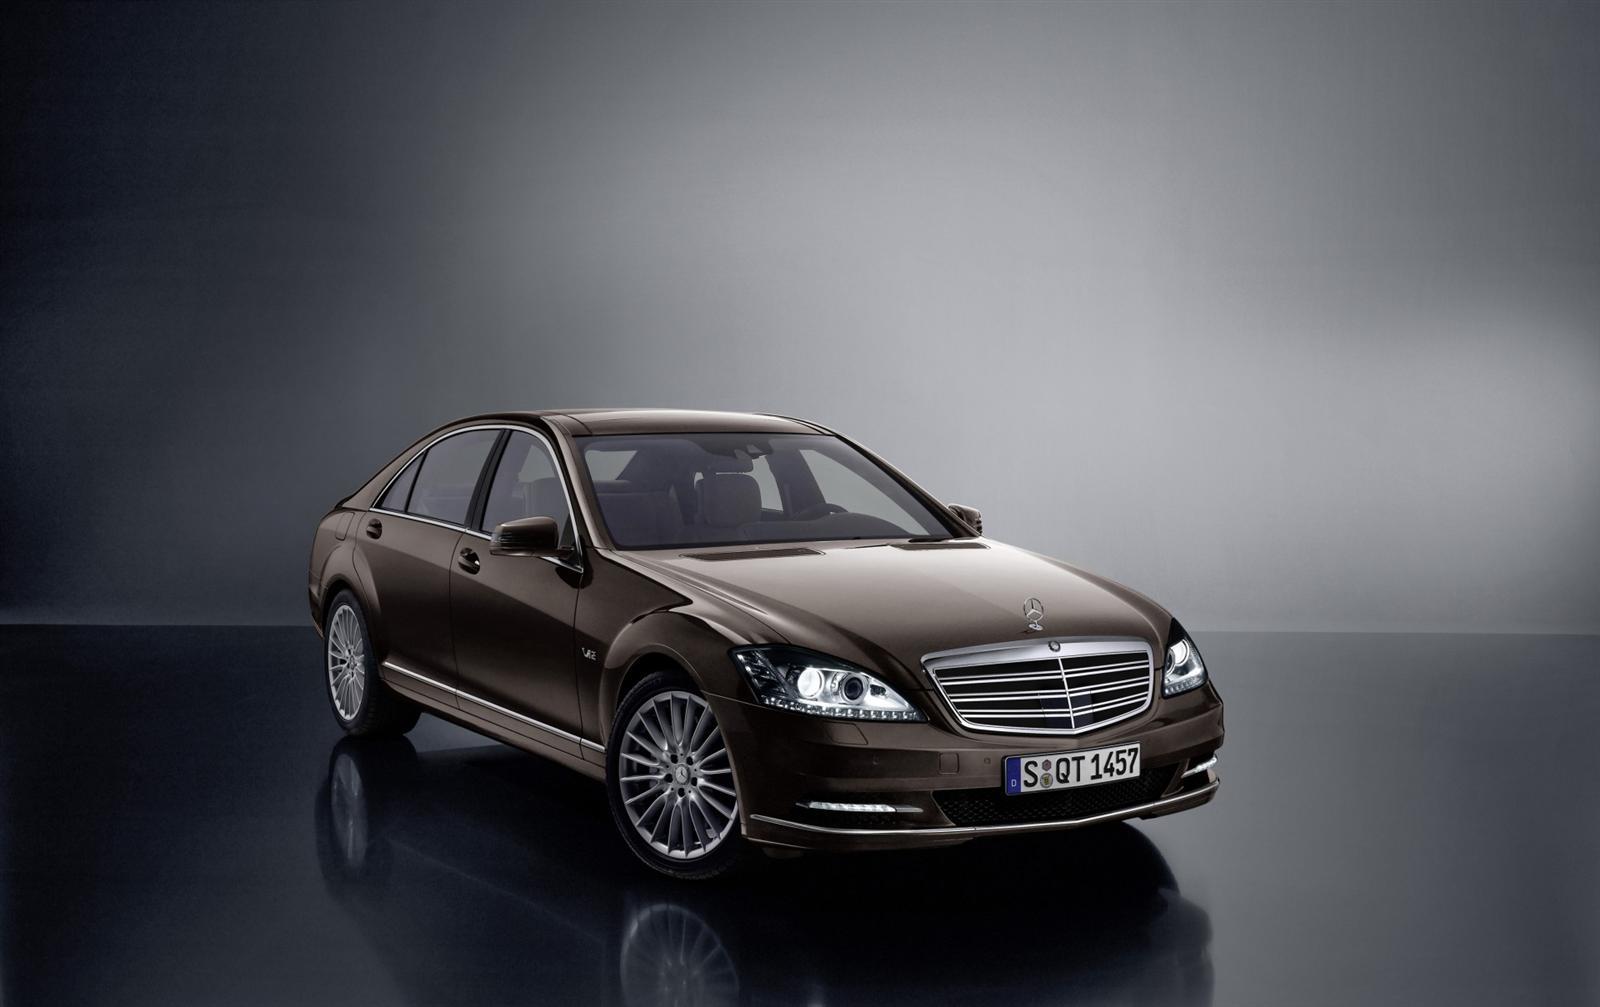 2010 Mercedes-Benz S Class